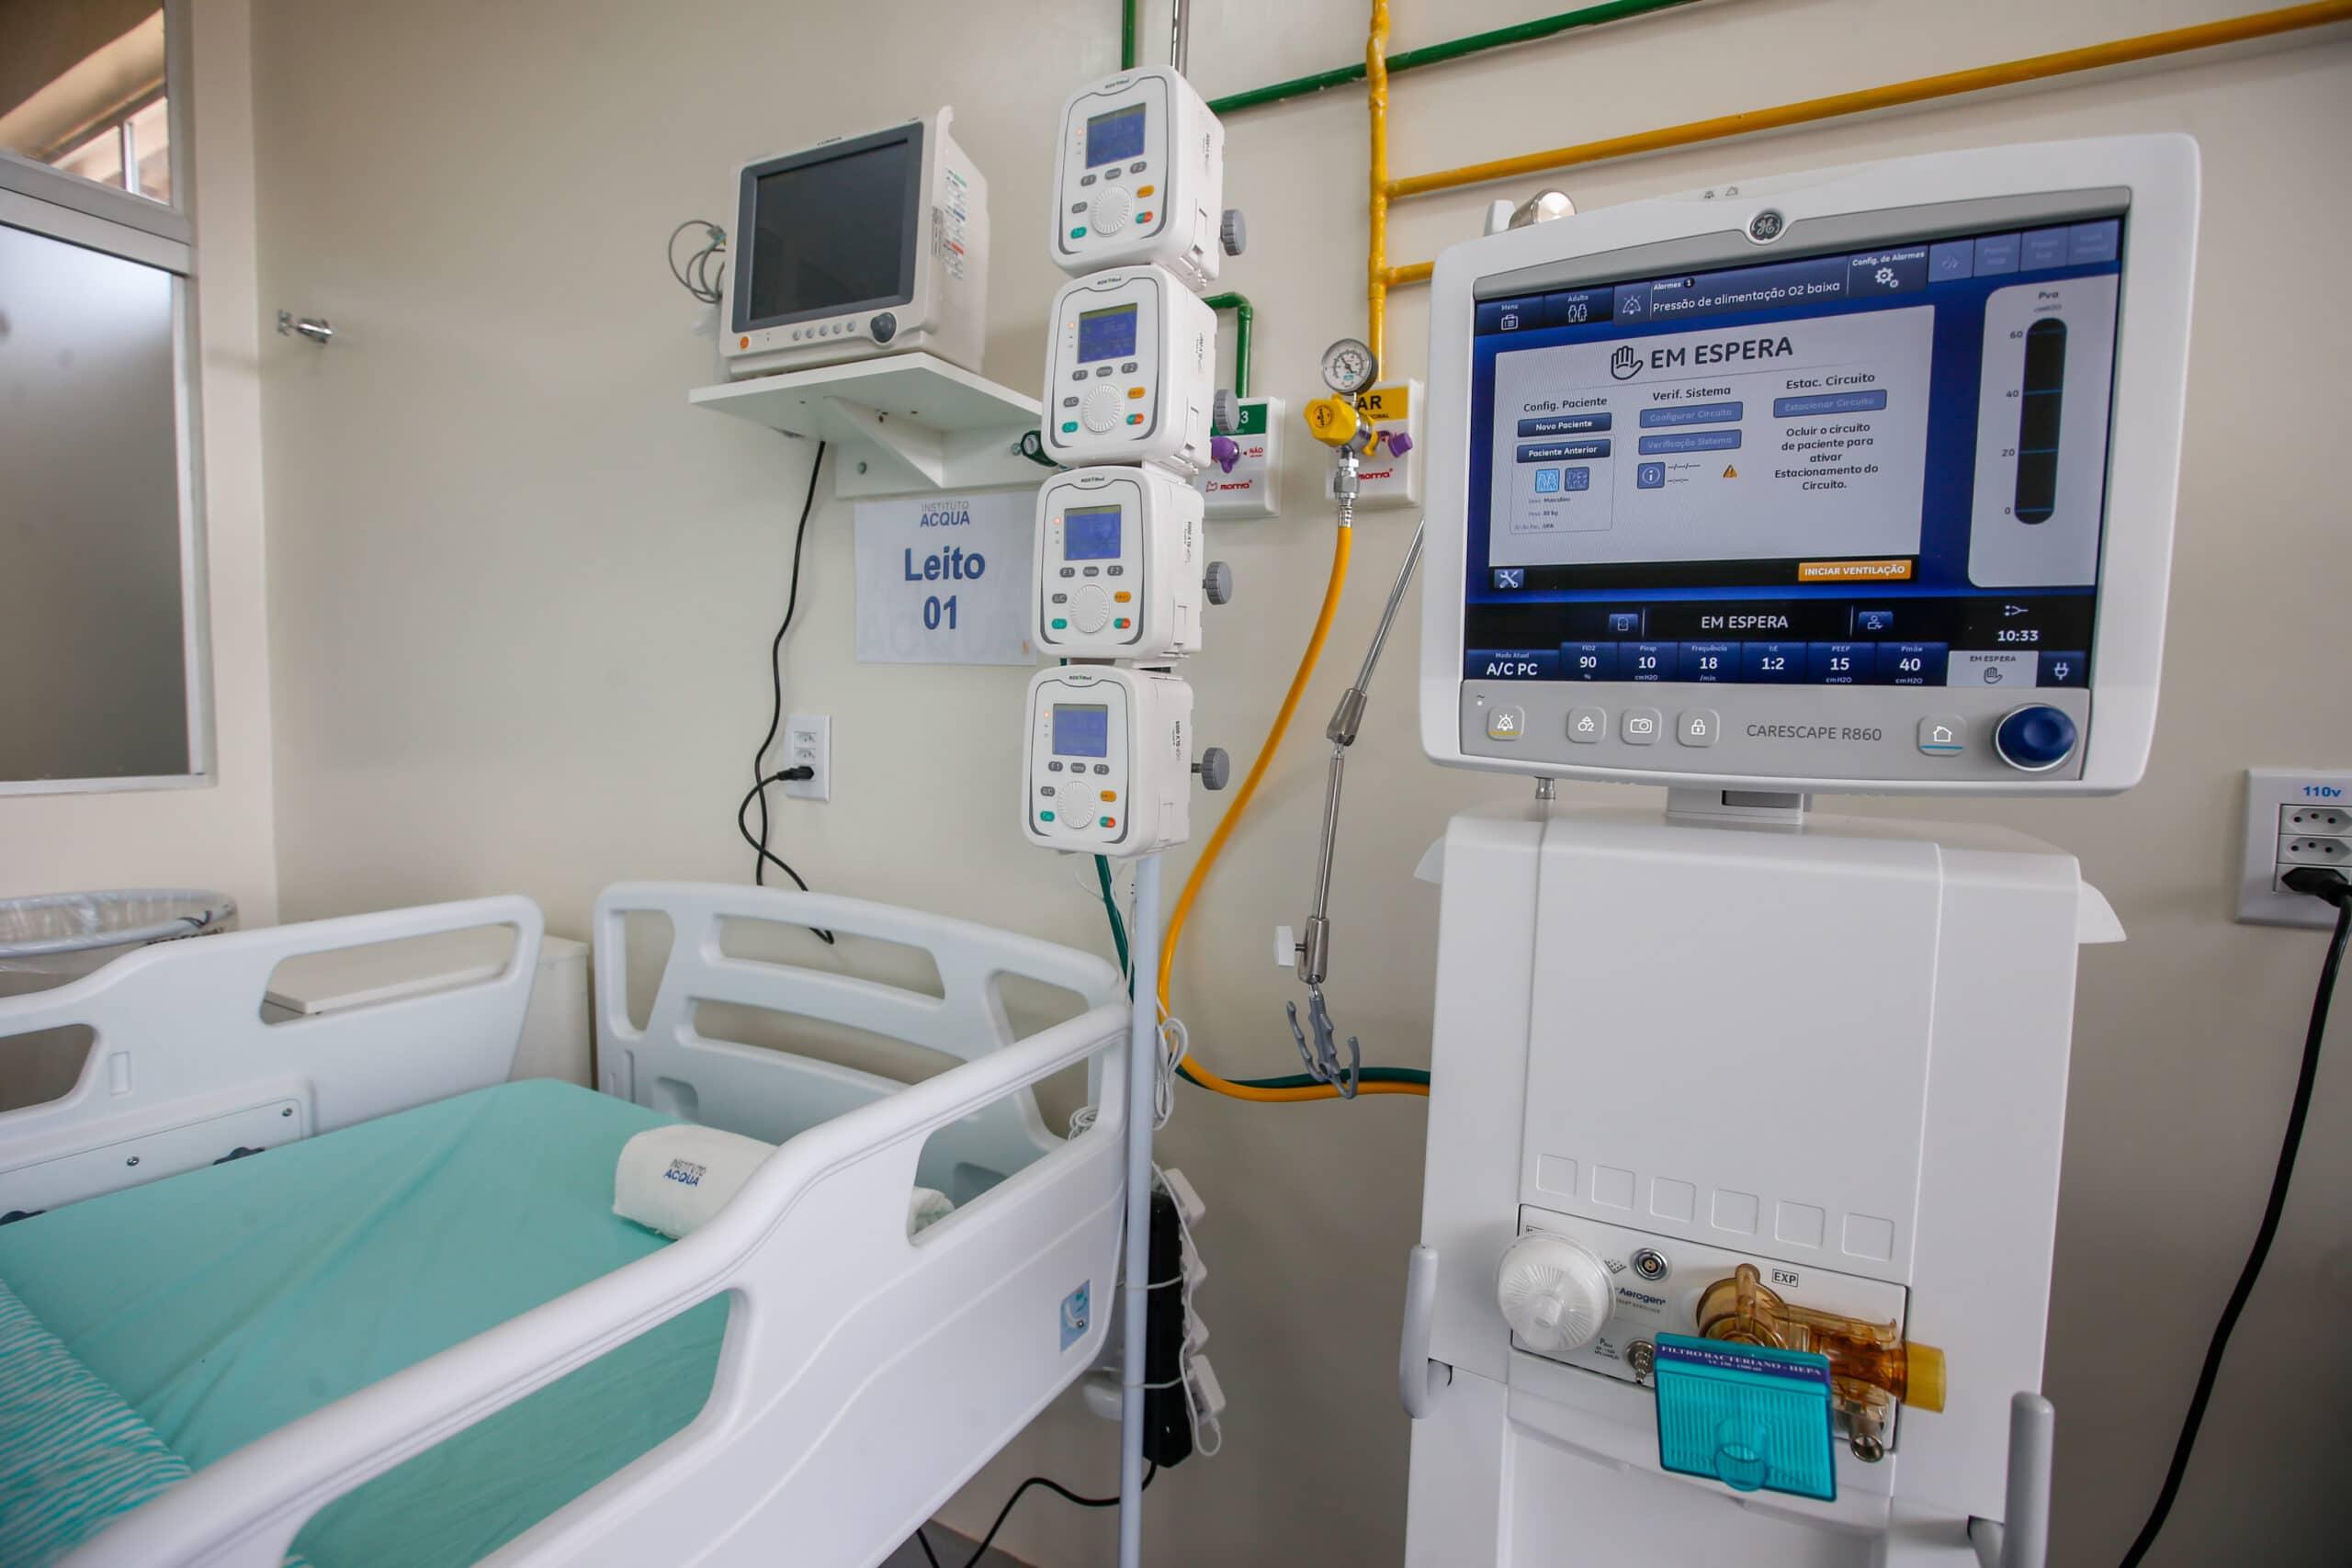 Jequié está na lista  dos 347 leitos de Suporte Ventilatório Pulmonar autorizados pelo Ministério da Saúde